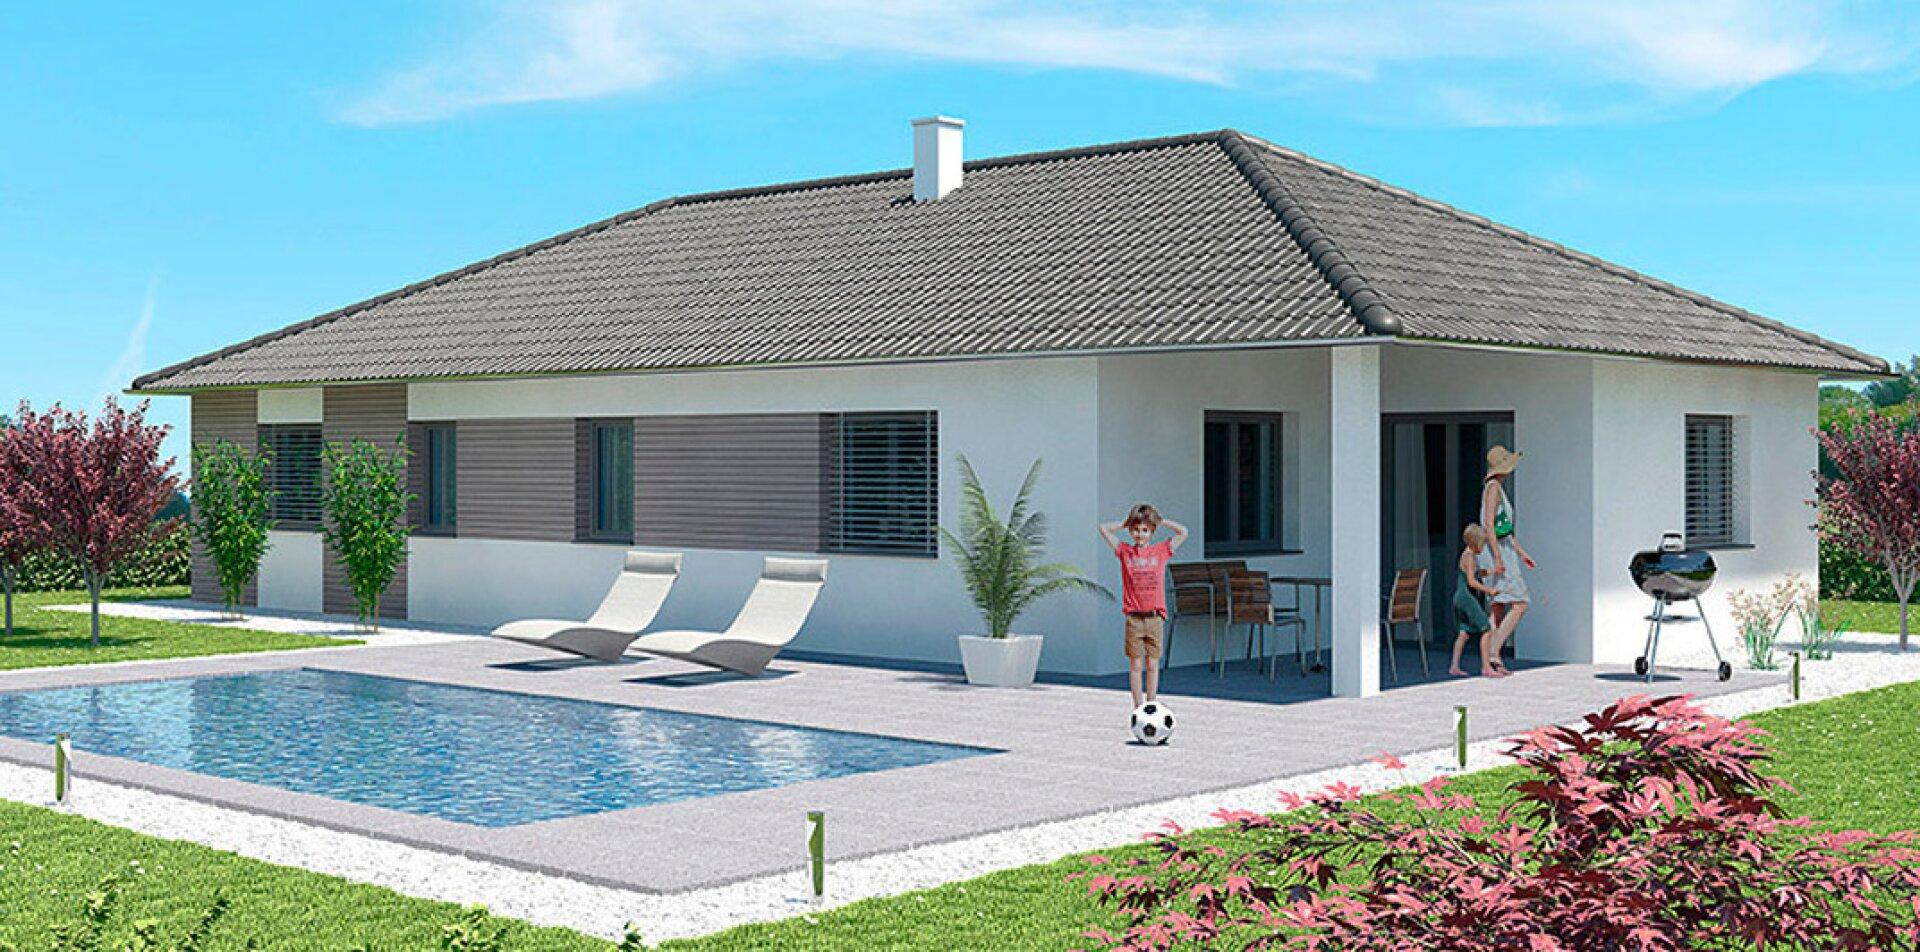 Wohnfläche 100 m²